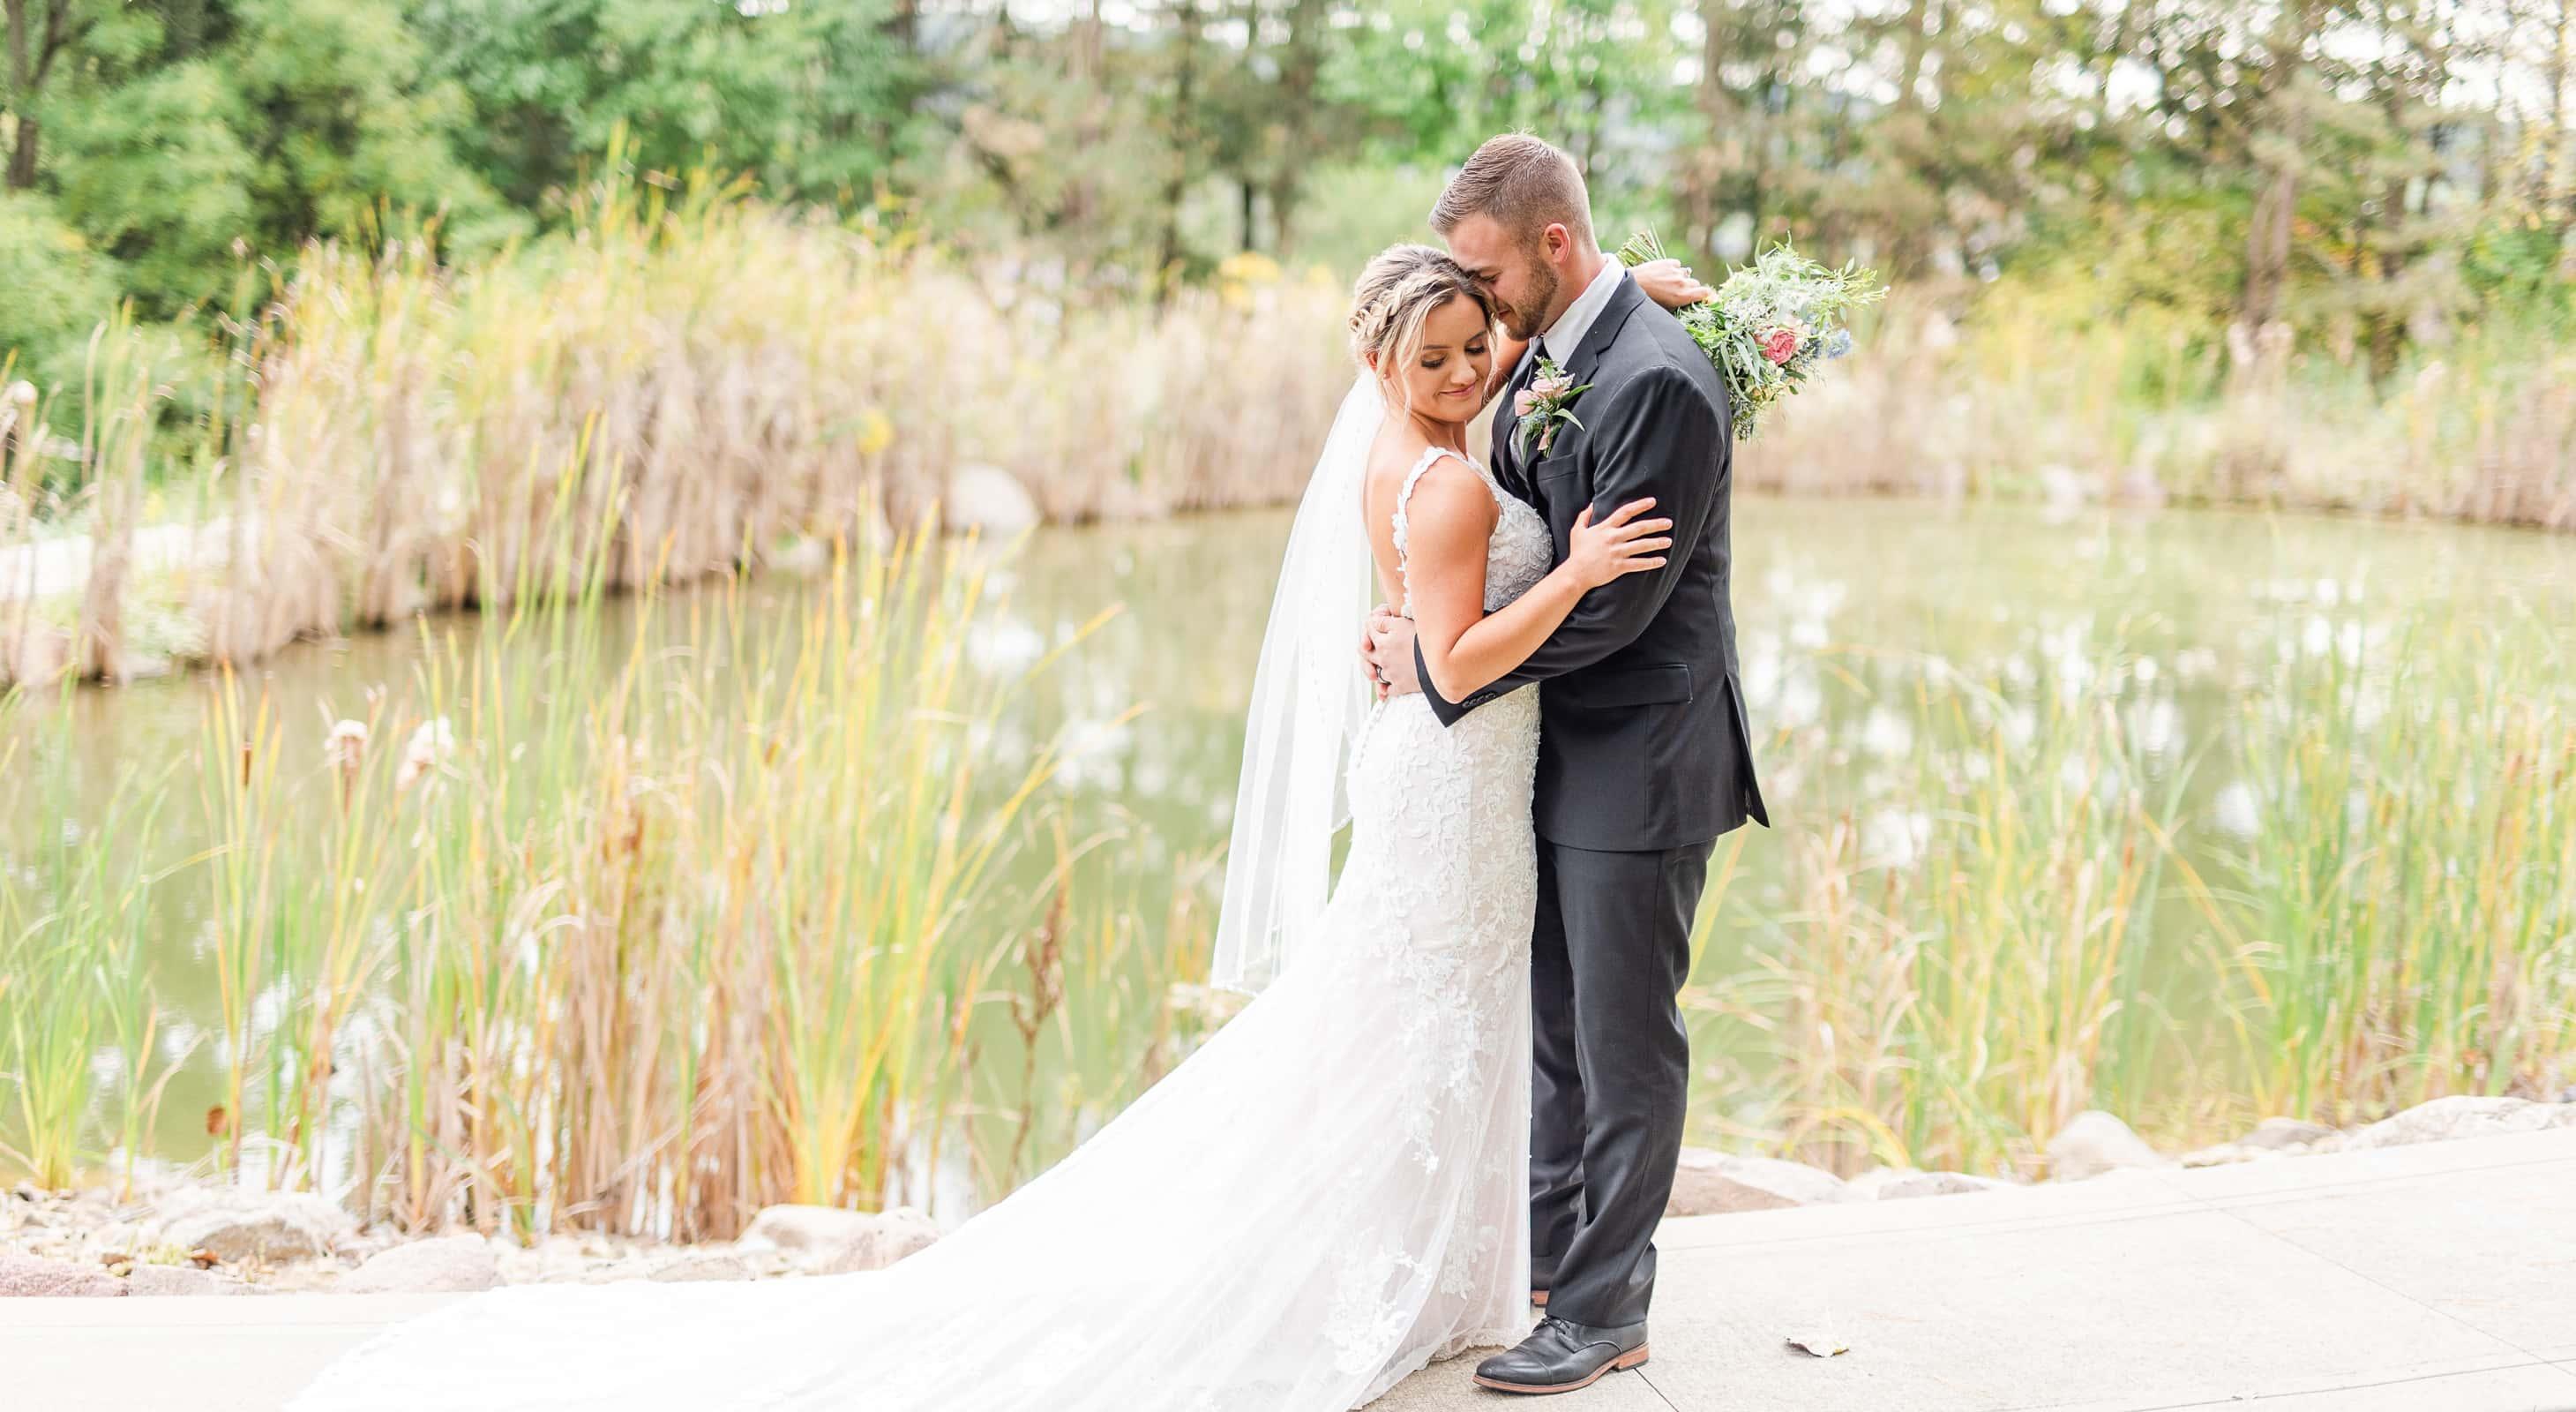 Bride & Groom near a small pond